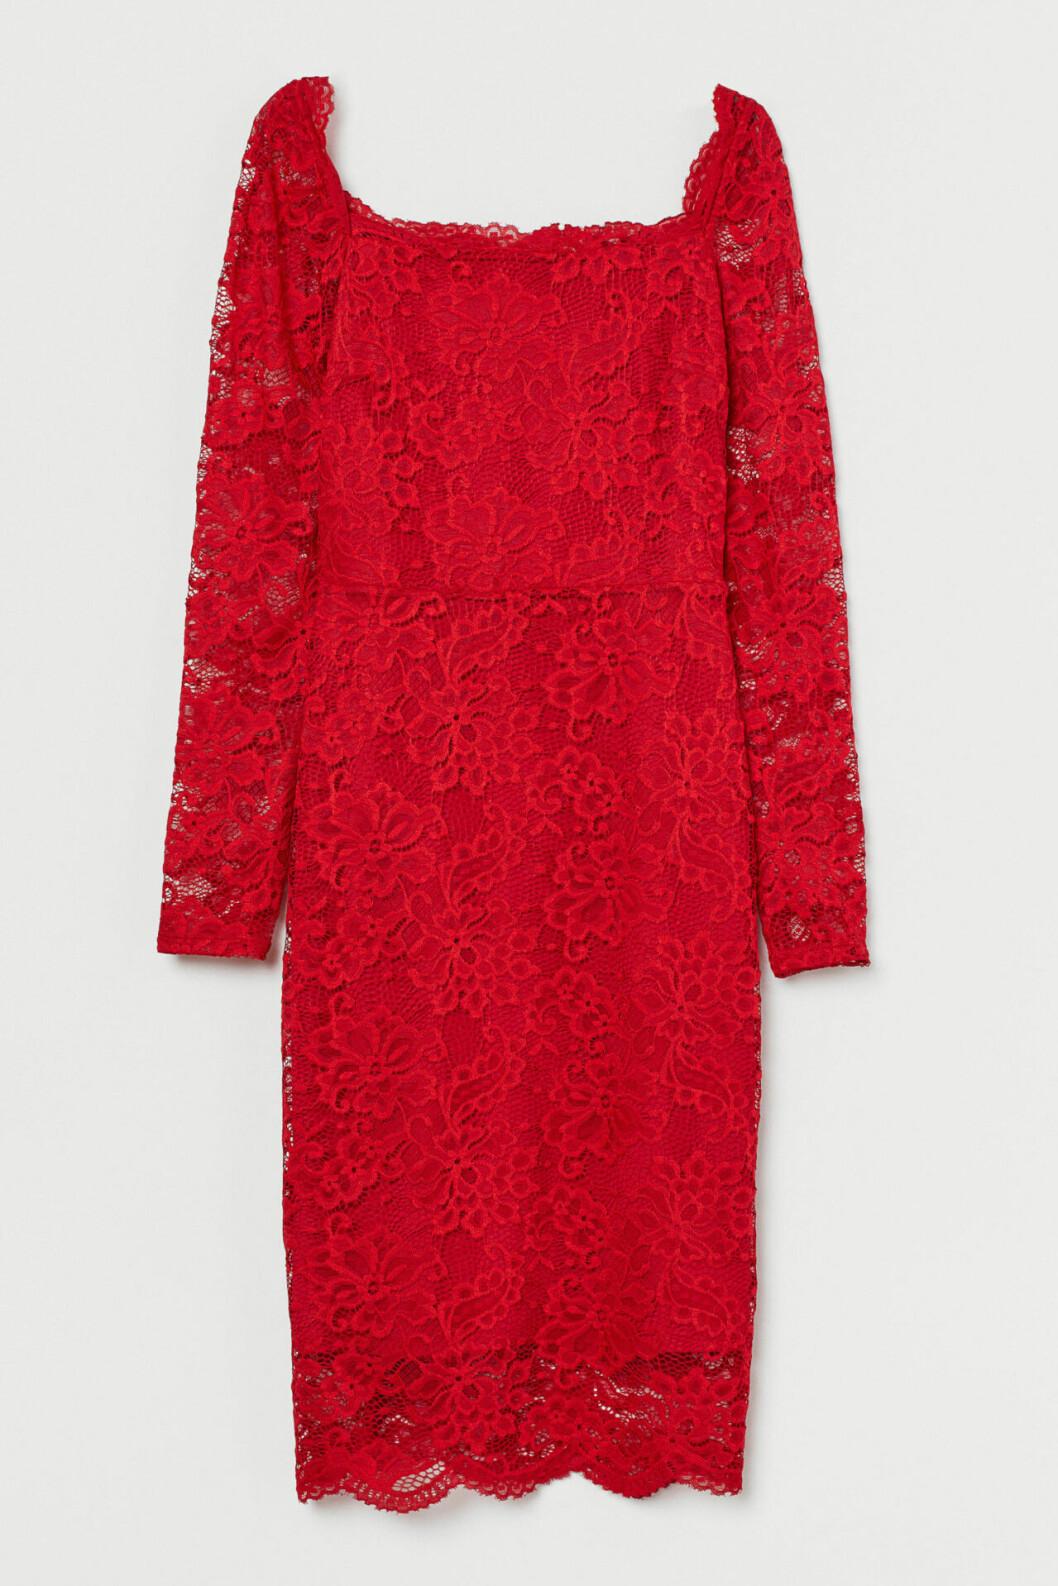 Röd spetsklänning till julafton för dam till 2019